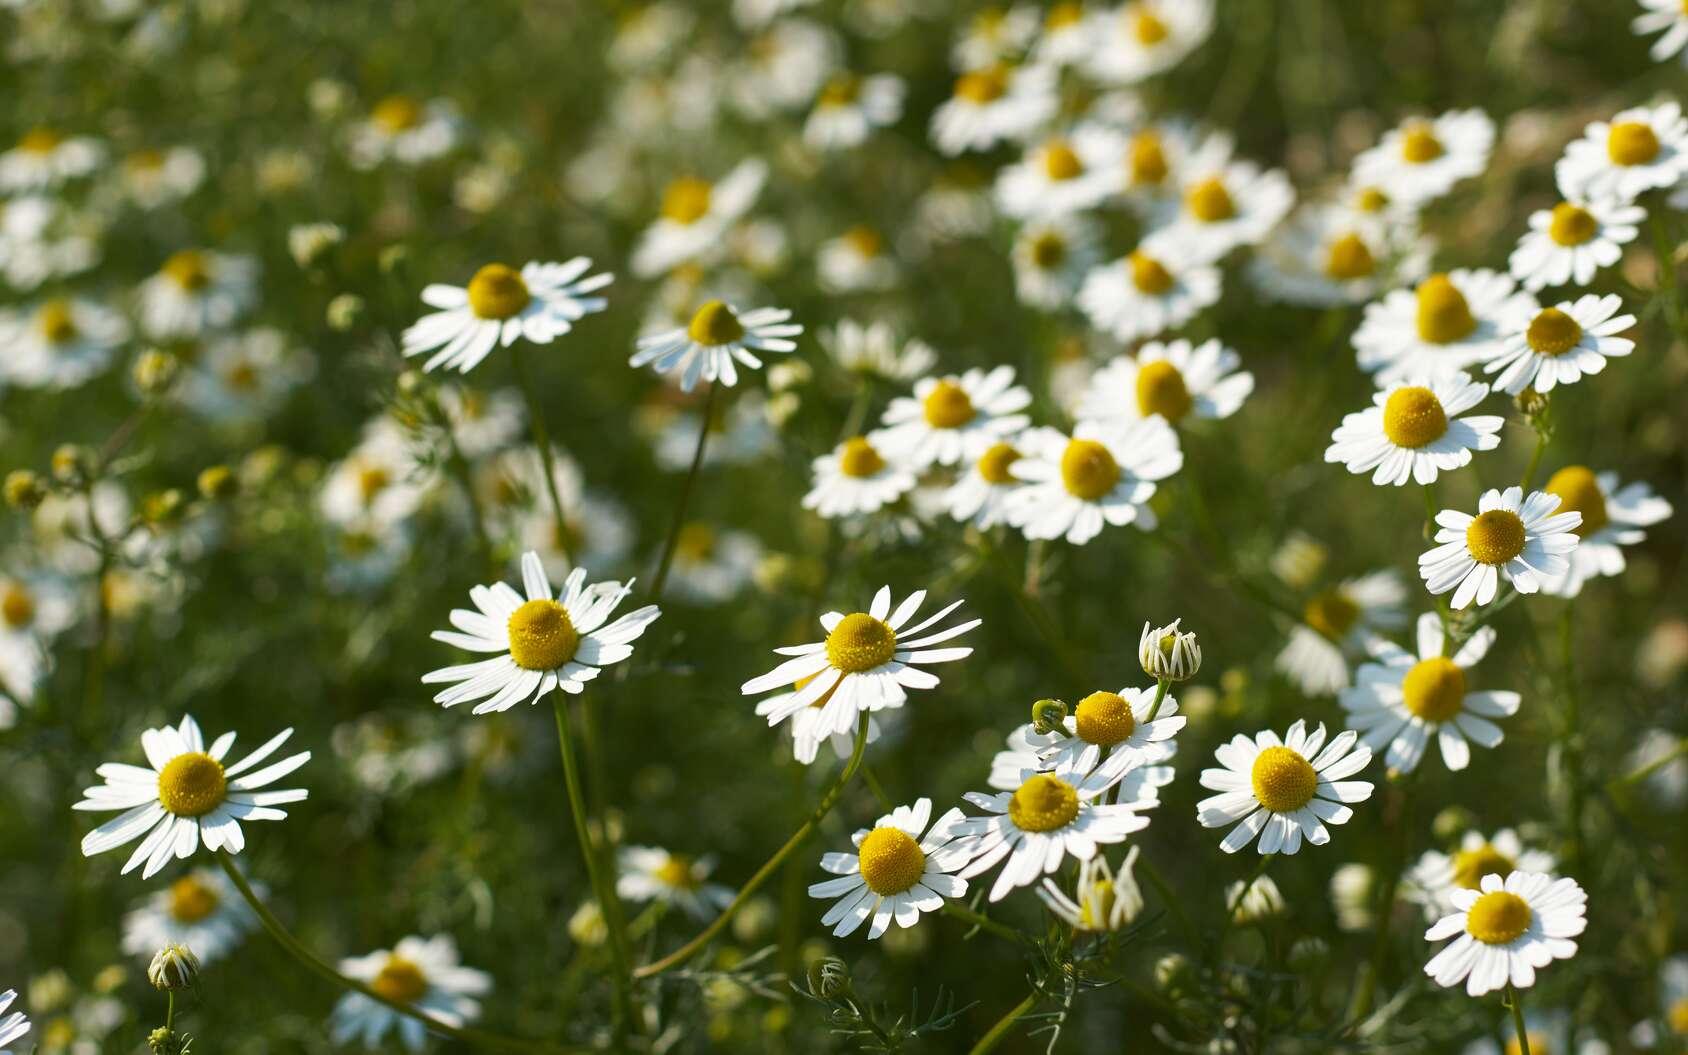 Les fleurs de camomille matricaire ne sont absolument pas toxiques, toutefois de rares cas d'allergie ou de dermites de contact ont été décrits. © Johannes Menge, Fotolia